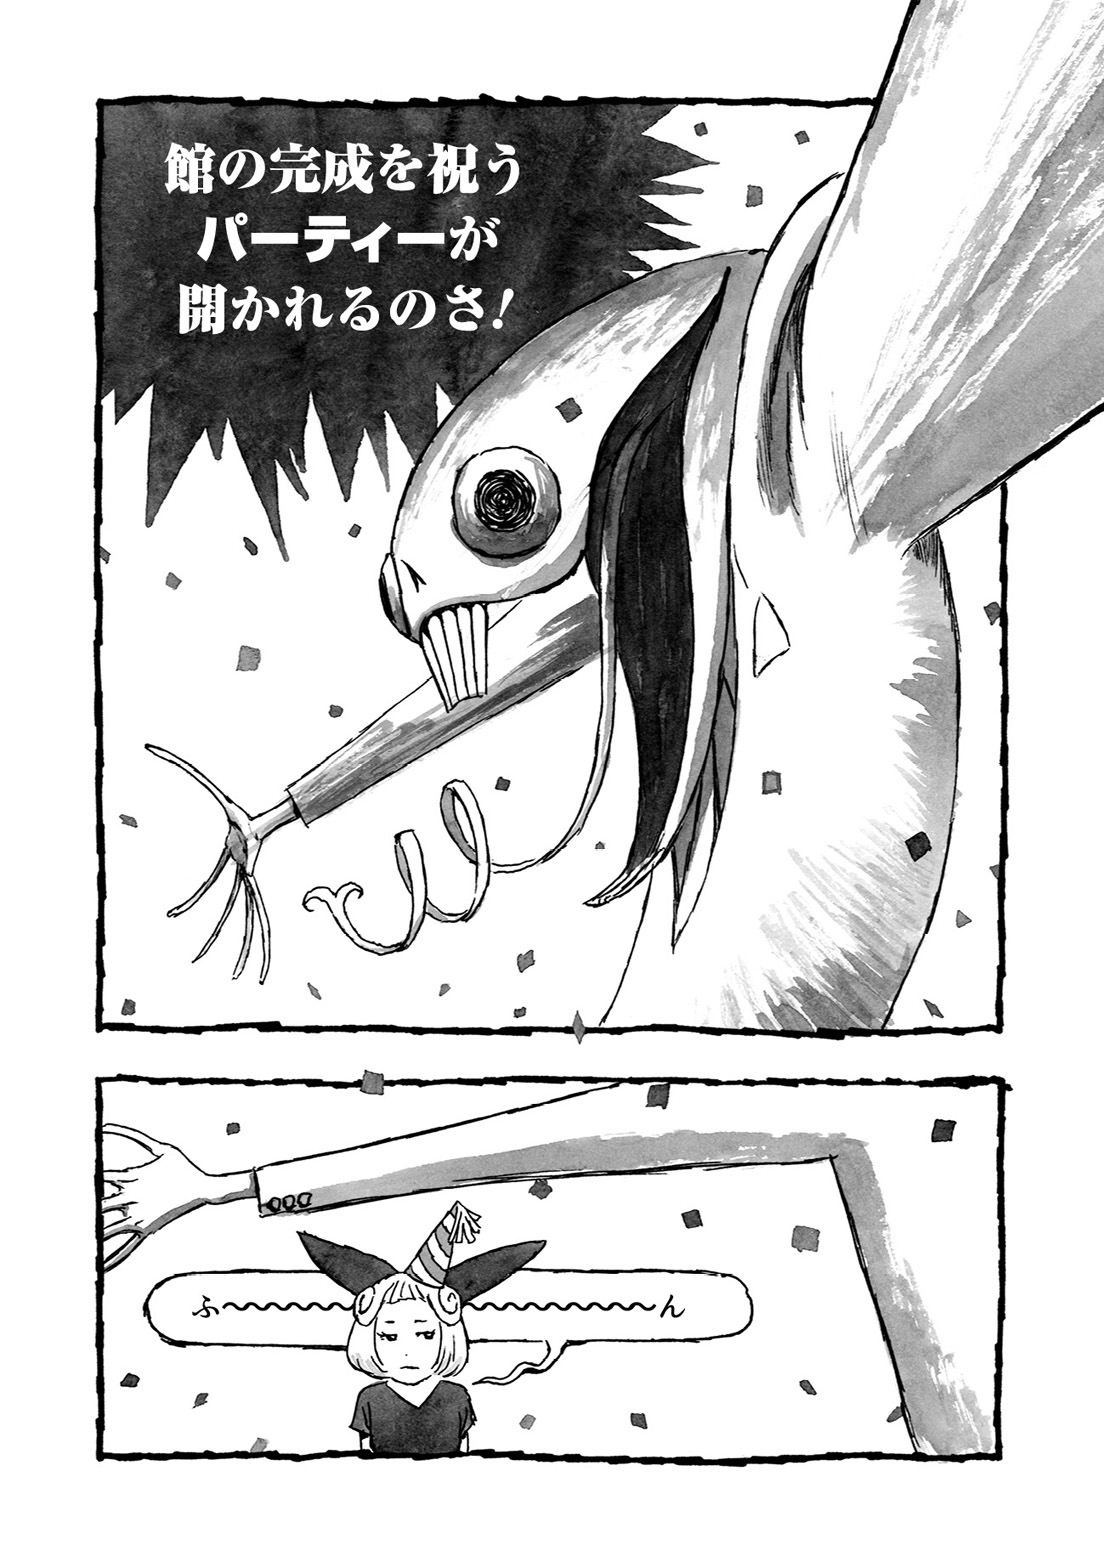 長編漫画「BIBLIOMANIA」連載 第1話「不死偽(ふしぎ)の館のアリス」32P